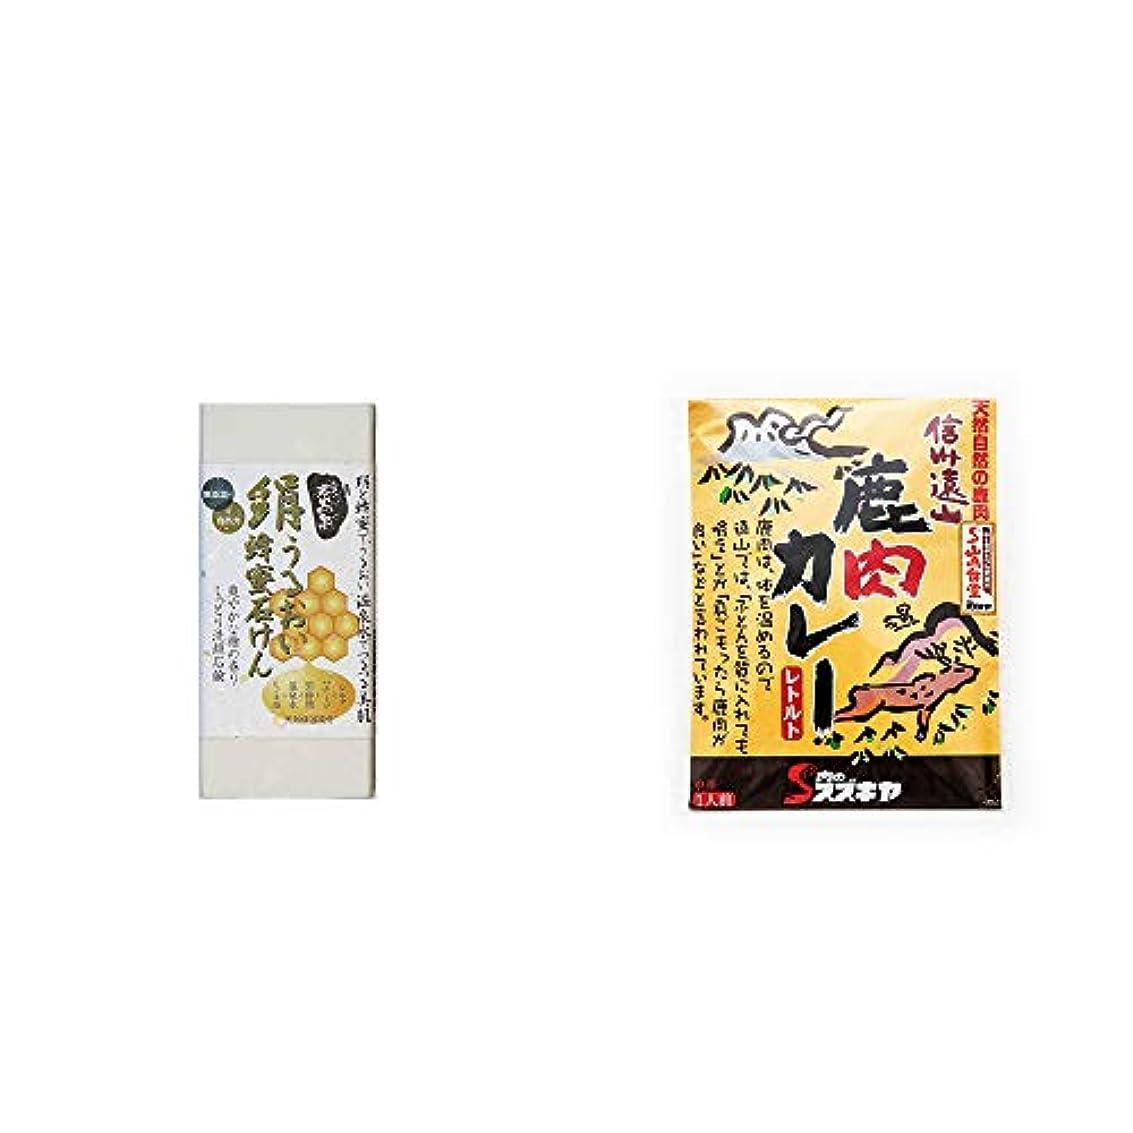 罪褒賞空虚[2点セット] ひのき炭黒泉 絹うるおい蜂蜜石けん(75g×2)?信州遠山 鹿肉カレー 中辛 (1食分)